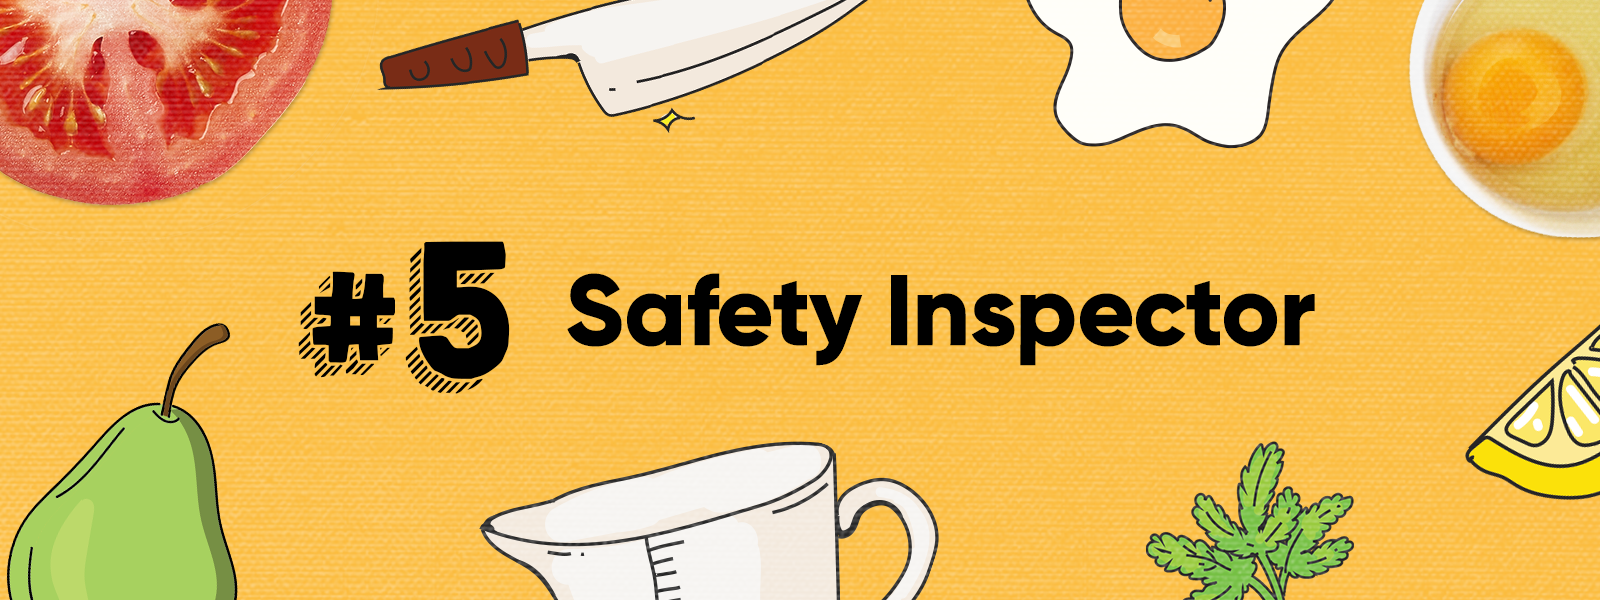 Skill 5: Safety Inspector